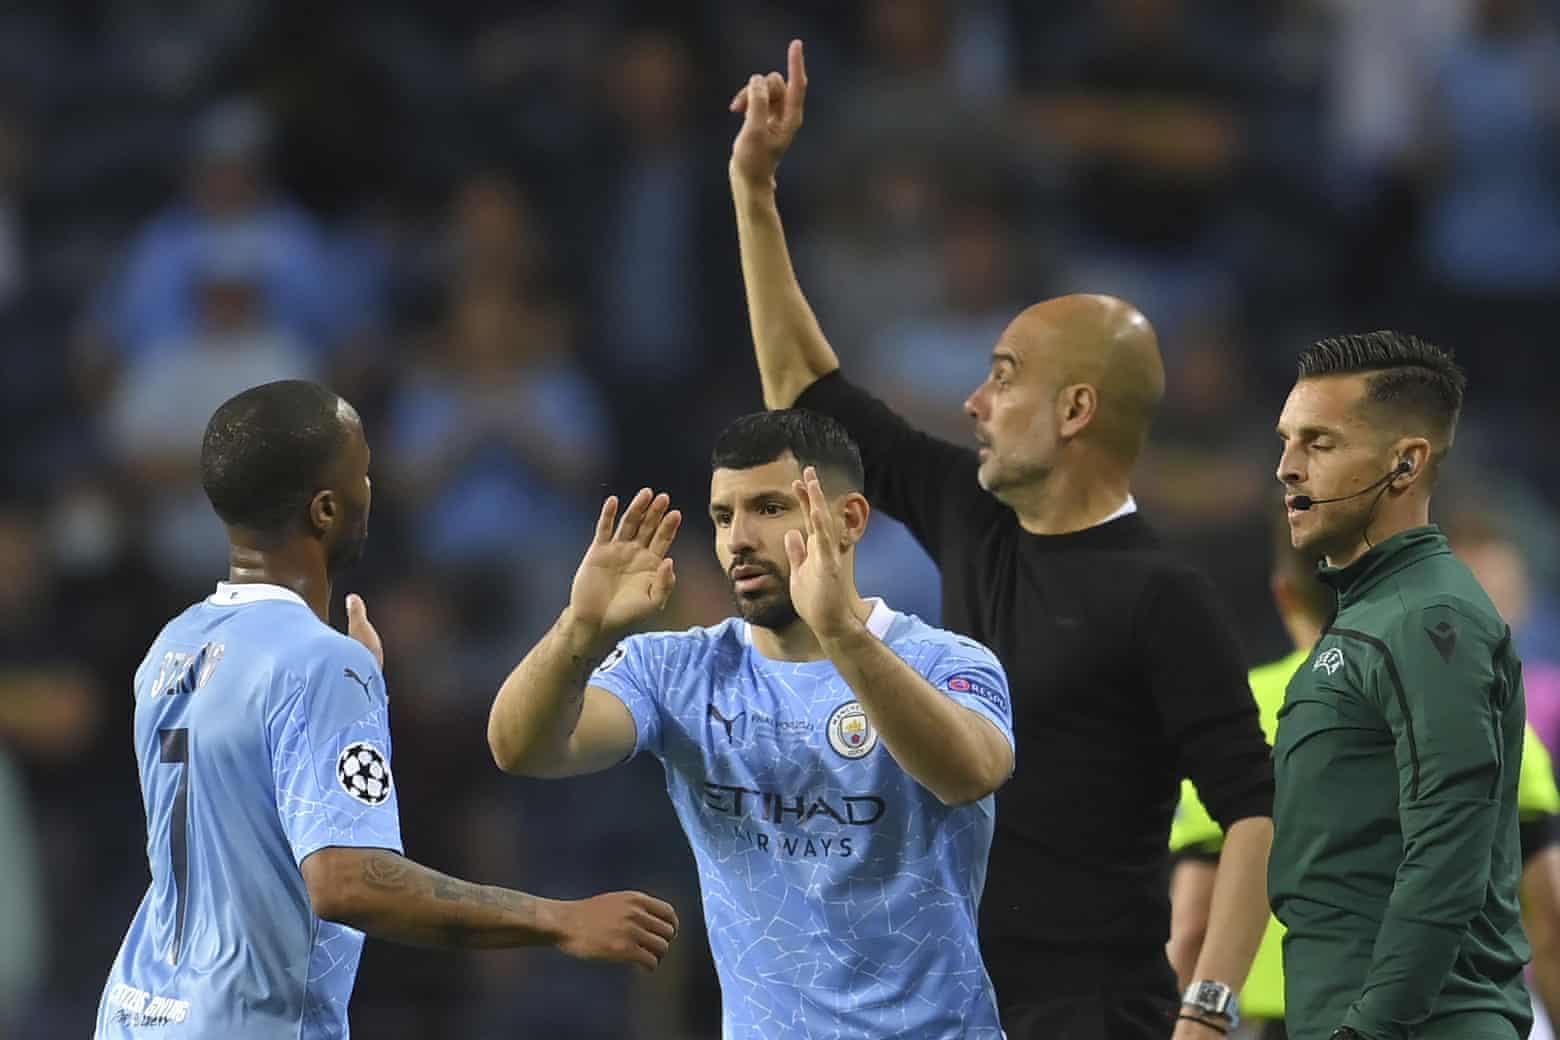 Guardiola tung Aguero vào thay Sterling ở phút 76 trận chung kết Champions League mà Man City thua Chelsea 0-1 hôm 29/5. Ảnh: AP